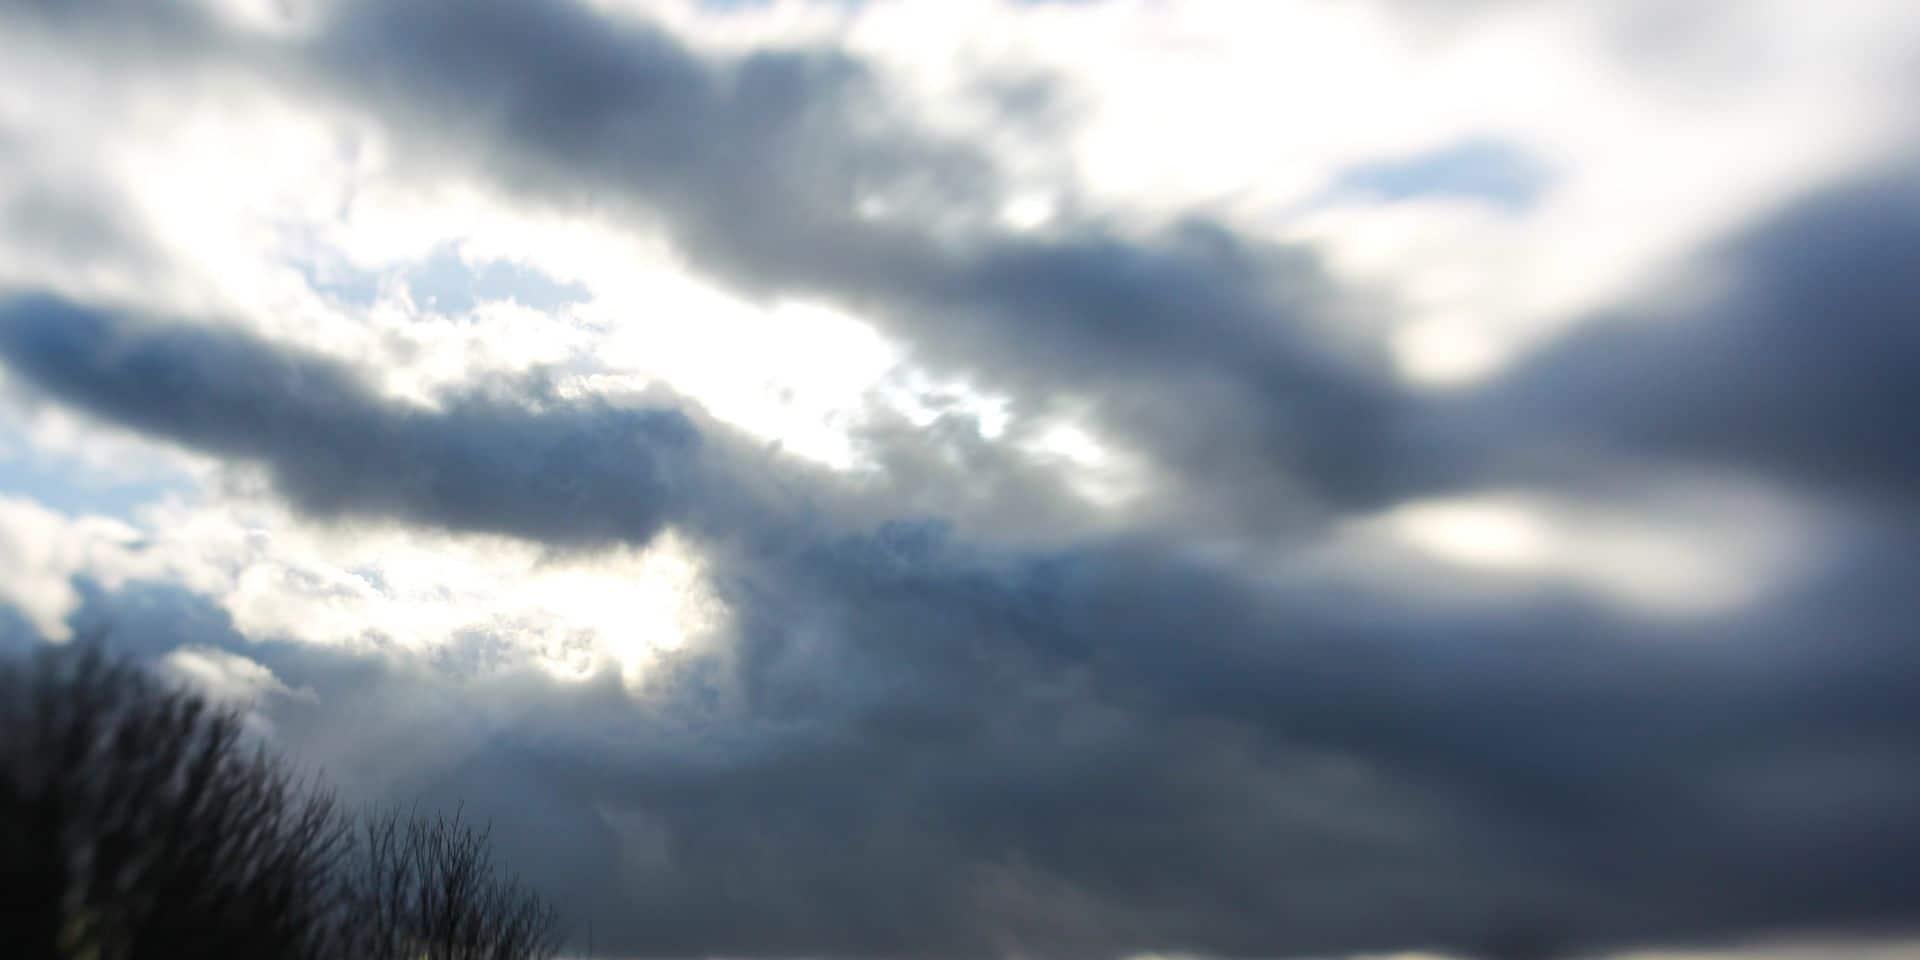 Un ciel nuageux avec des averses